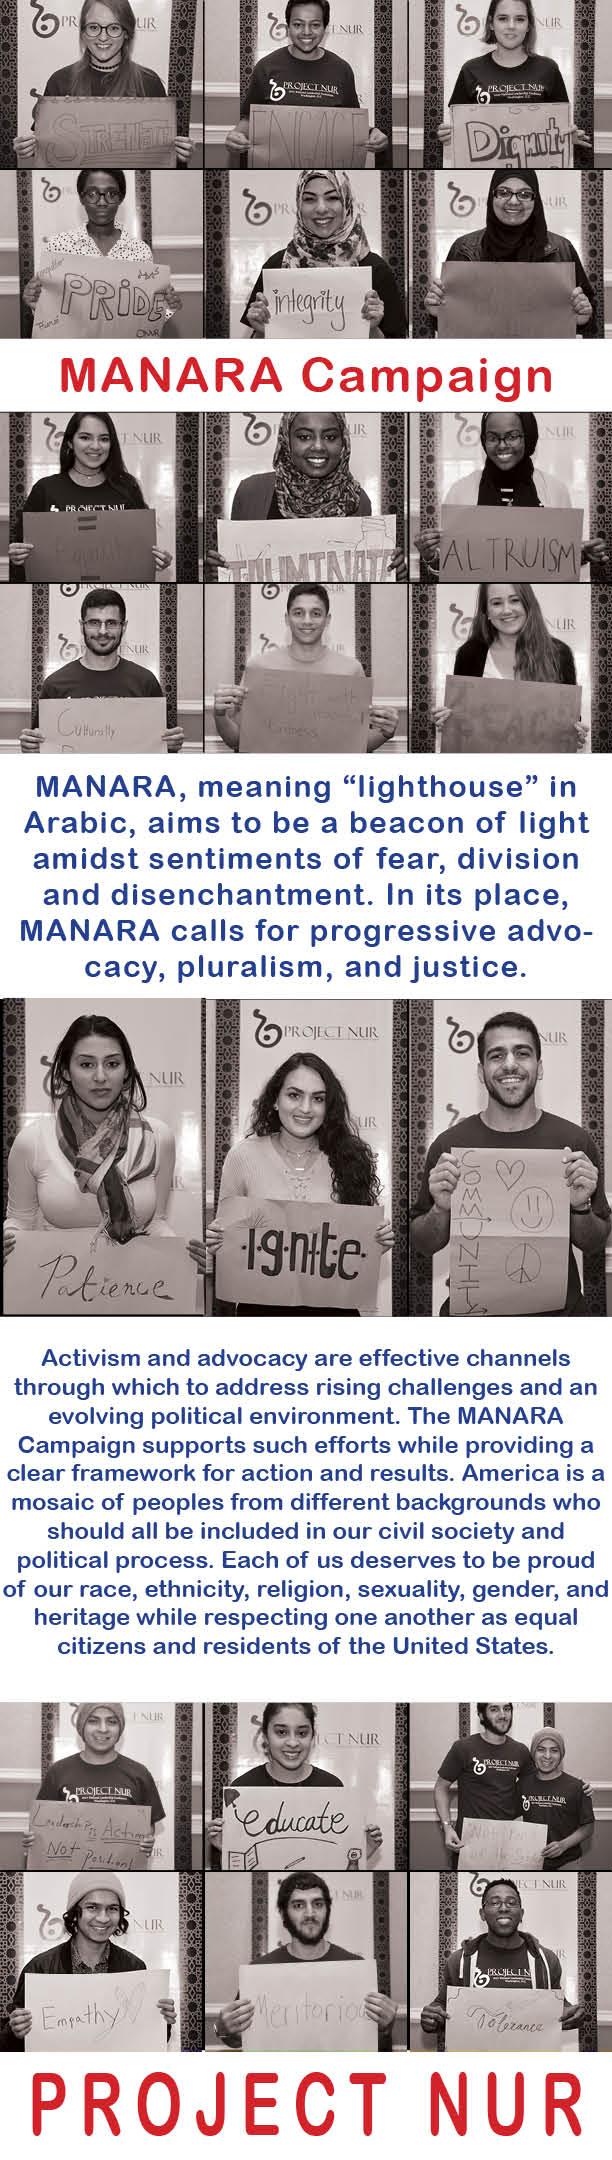 MANARA Website